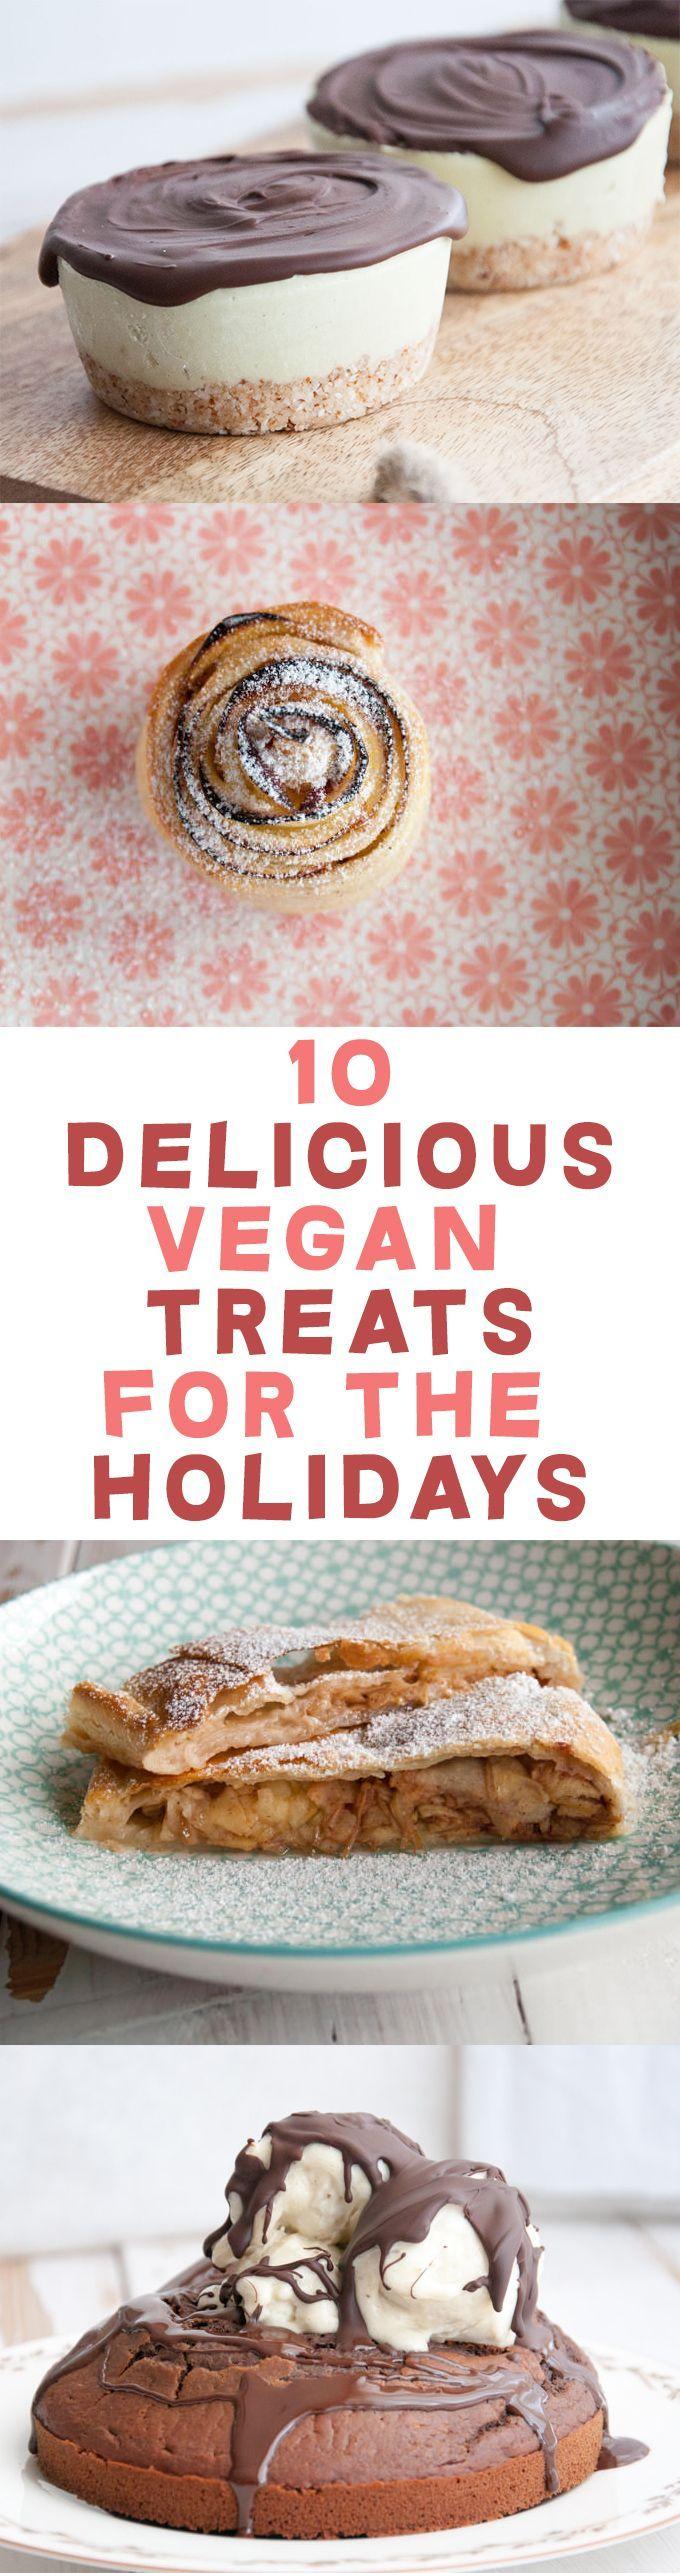 10 Delicious Vegan Treats for the Holidays ElephantasticVegan.com